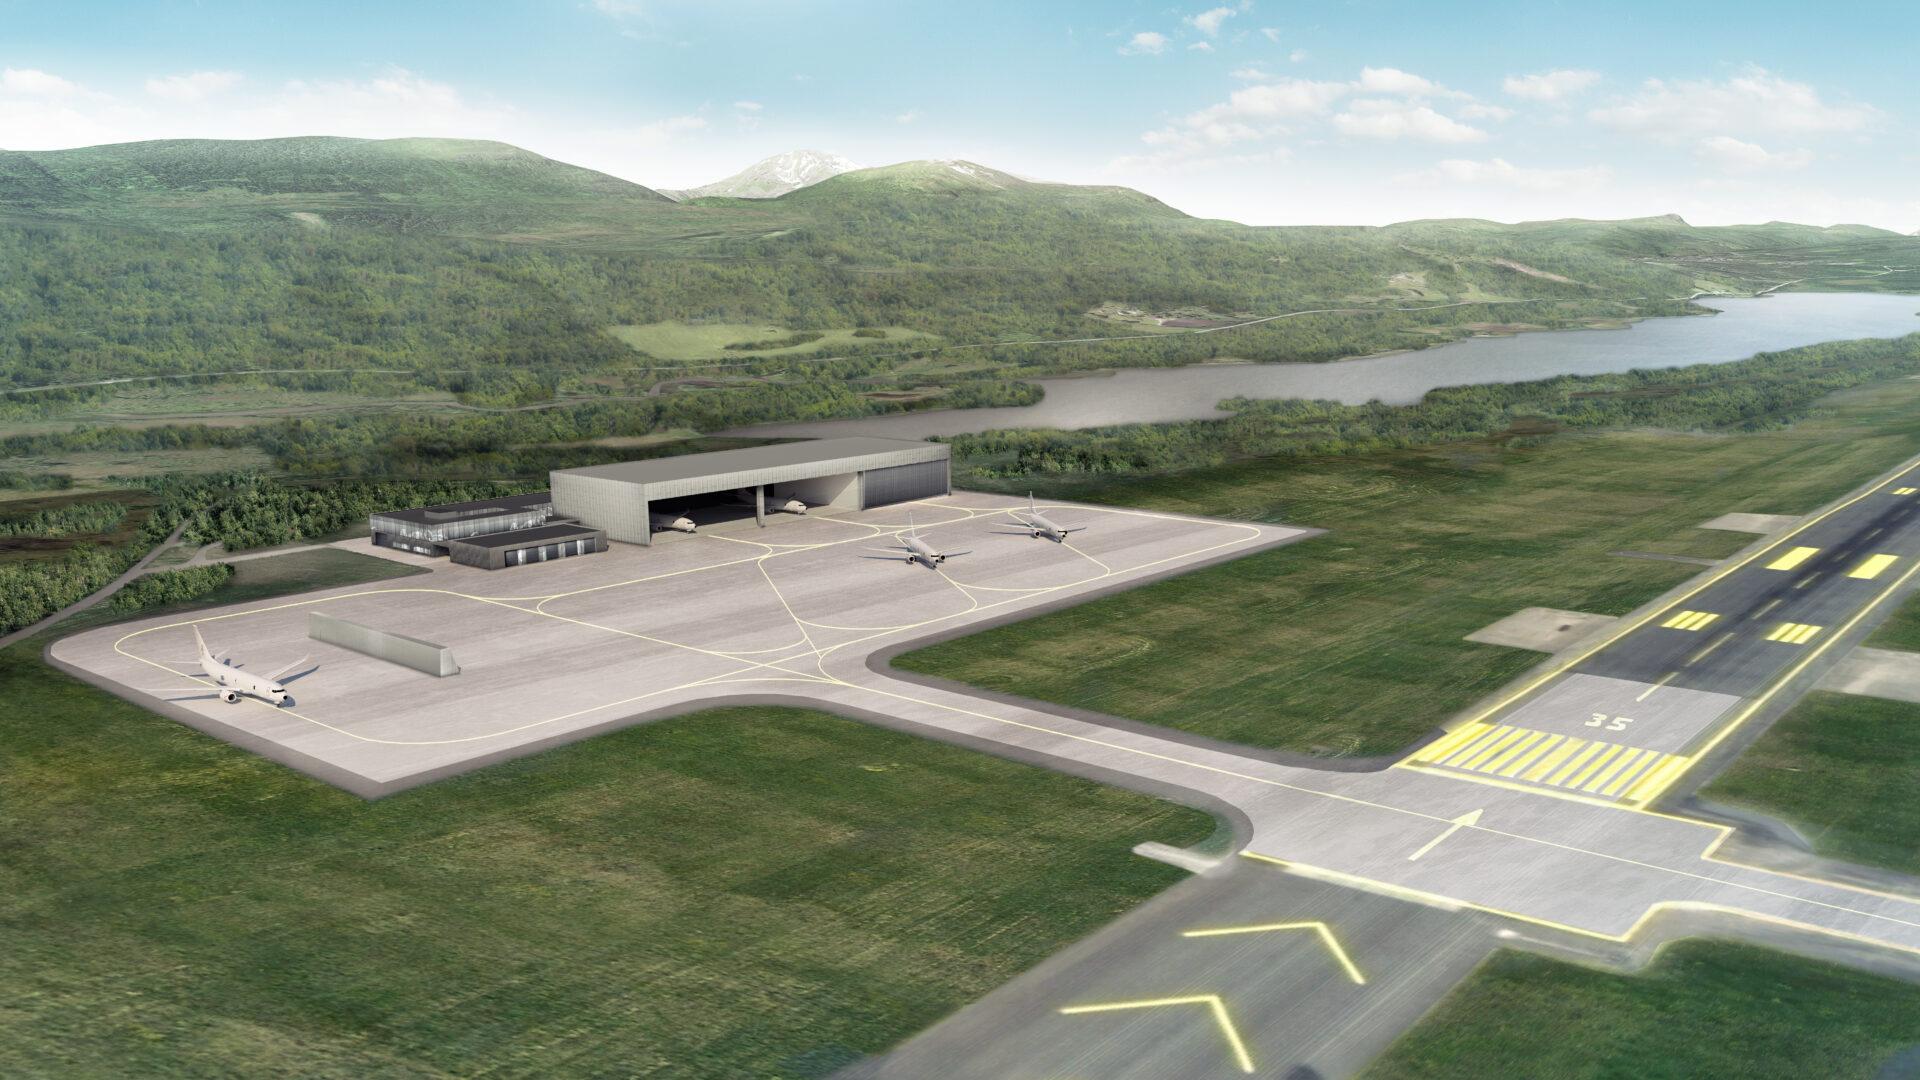 MPA området for de militære overvåkningsflyene